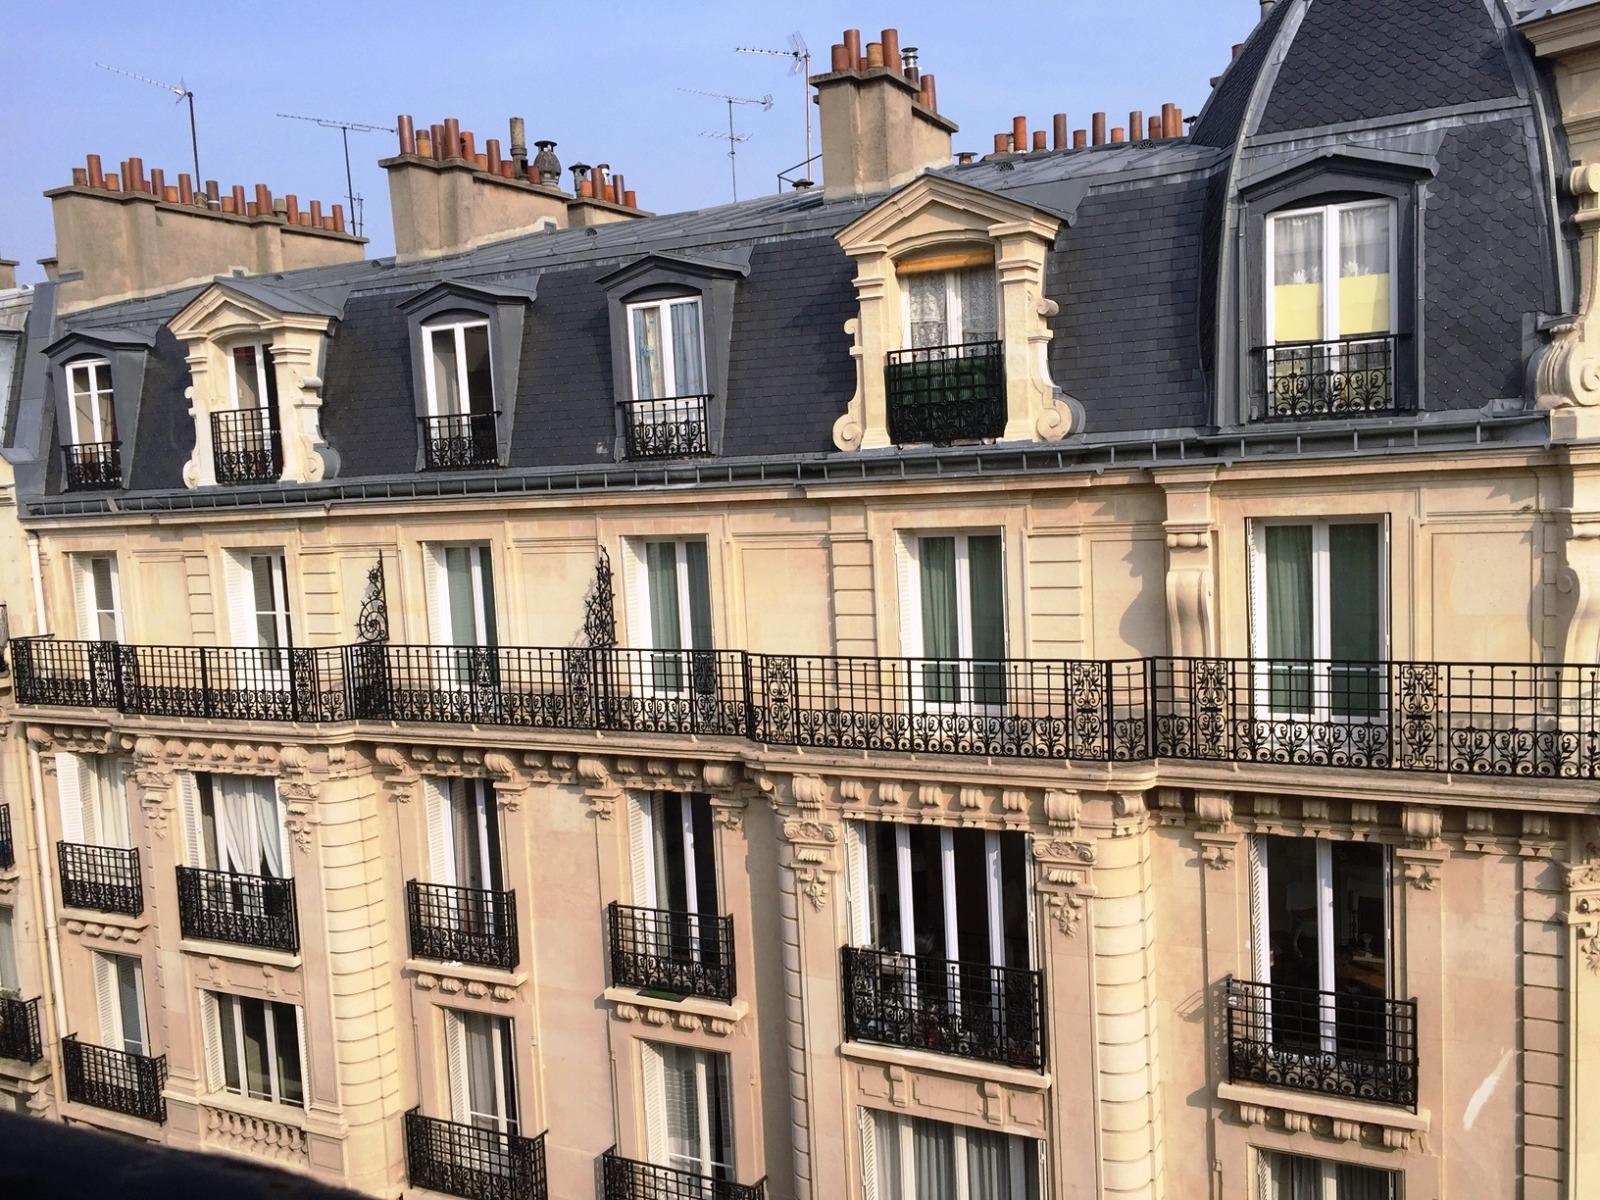 Vente grand studio rue du chemin vert pr s du boulevard for 4 rue richard lenoir